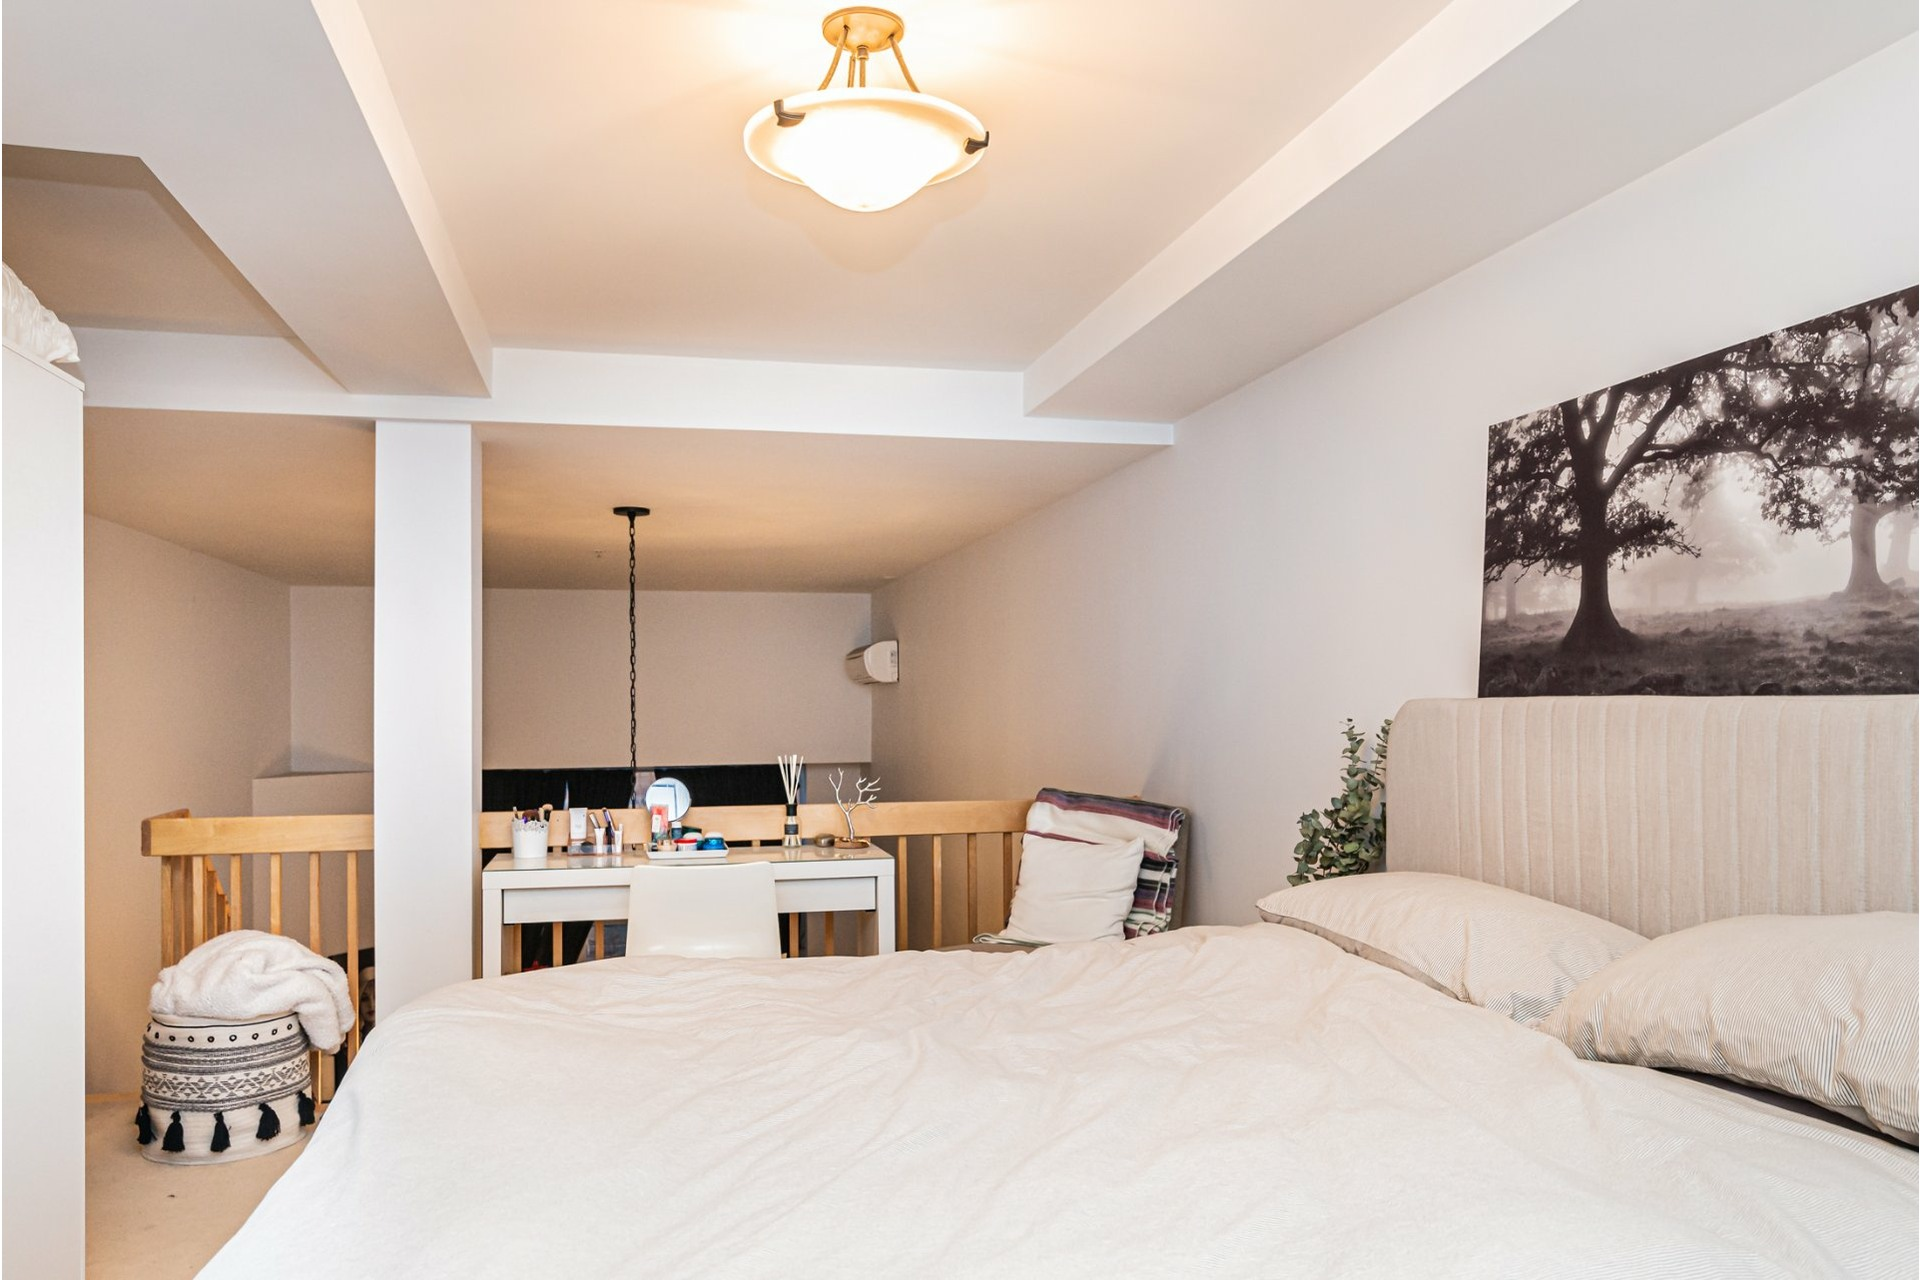 image 10 - Apartment For sale Lachine Montréal  - 5 rooms